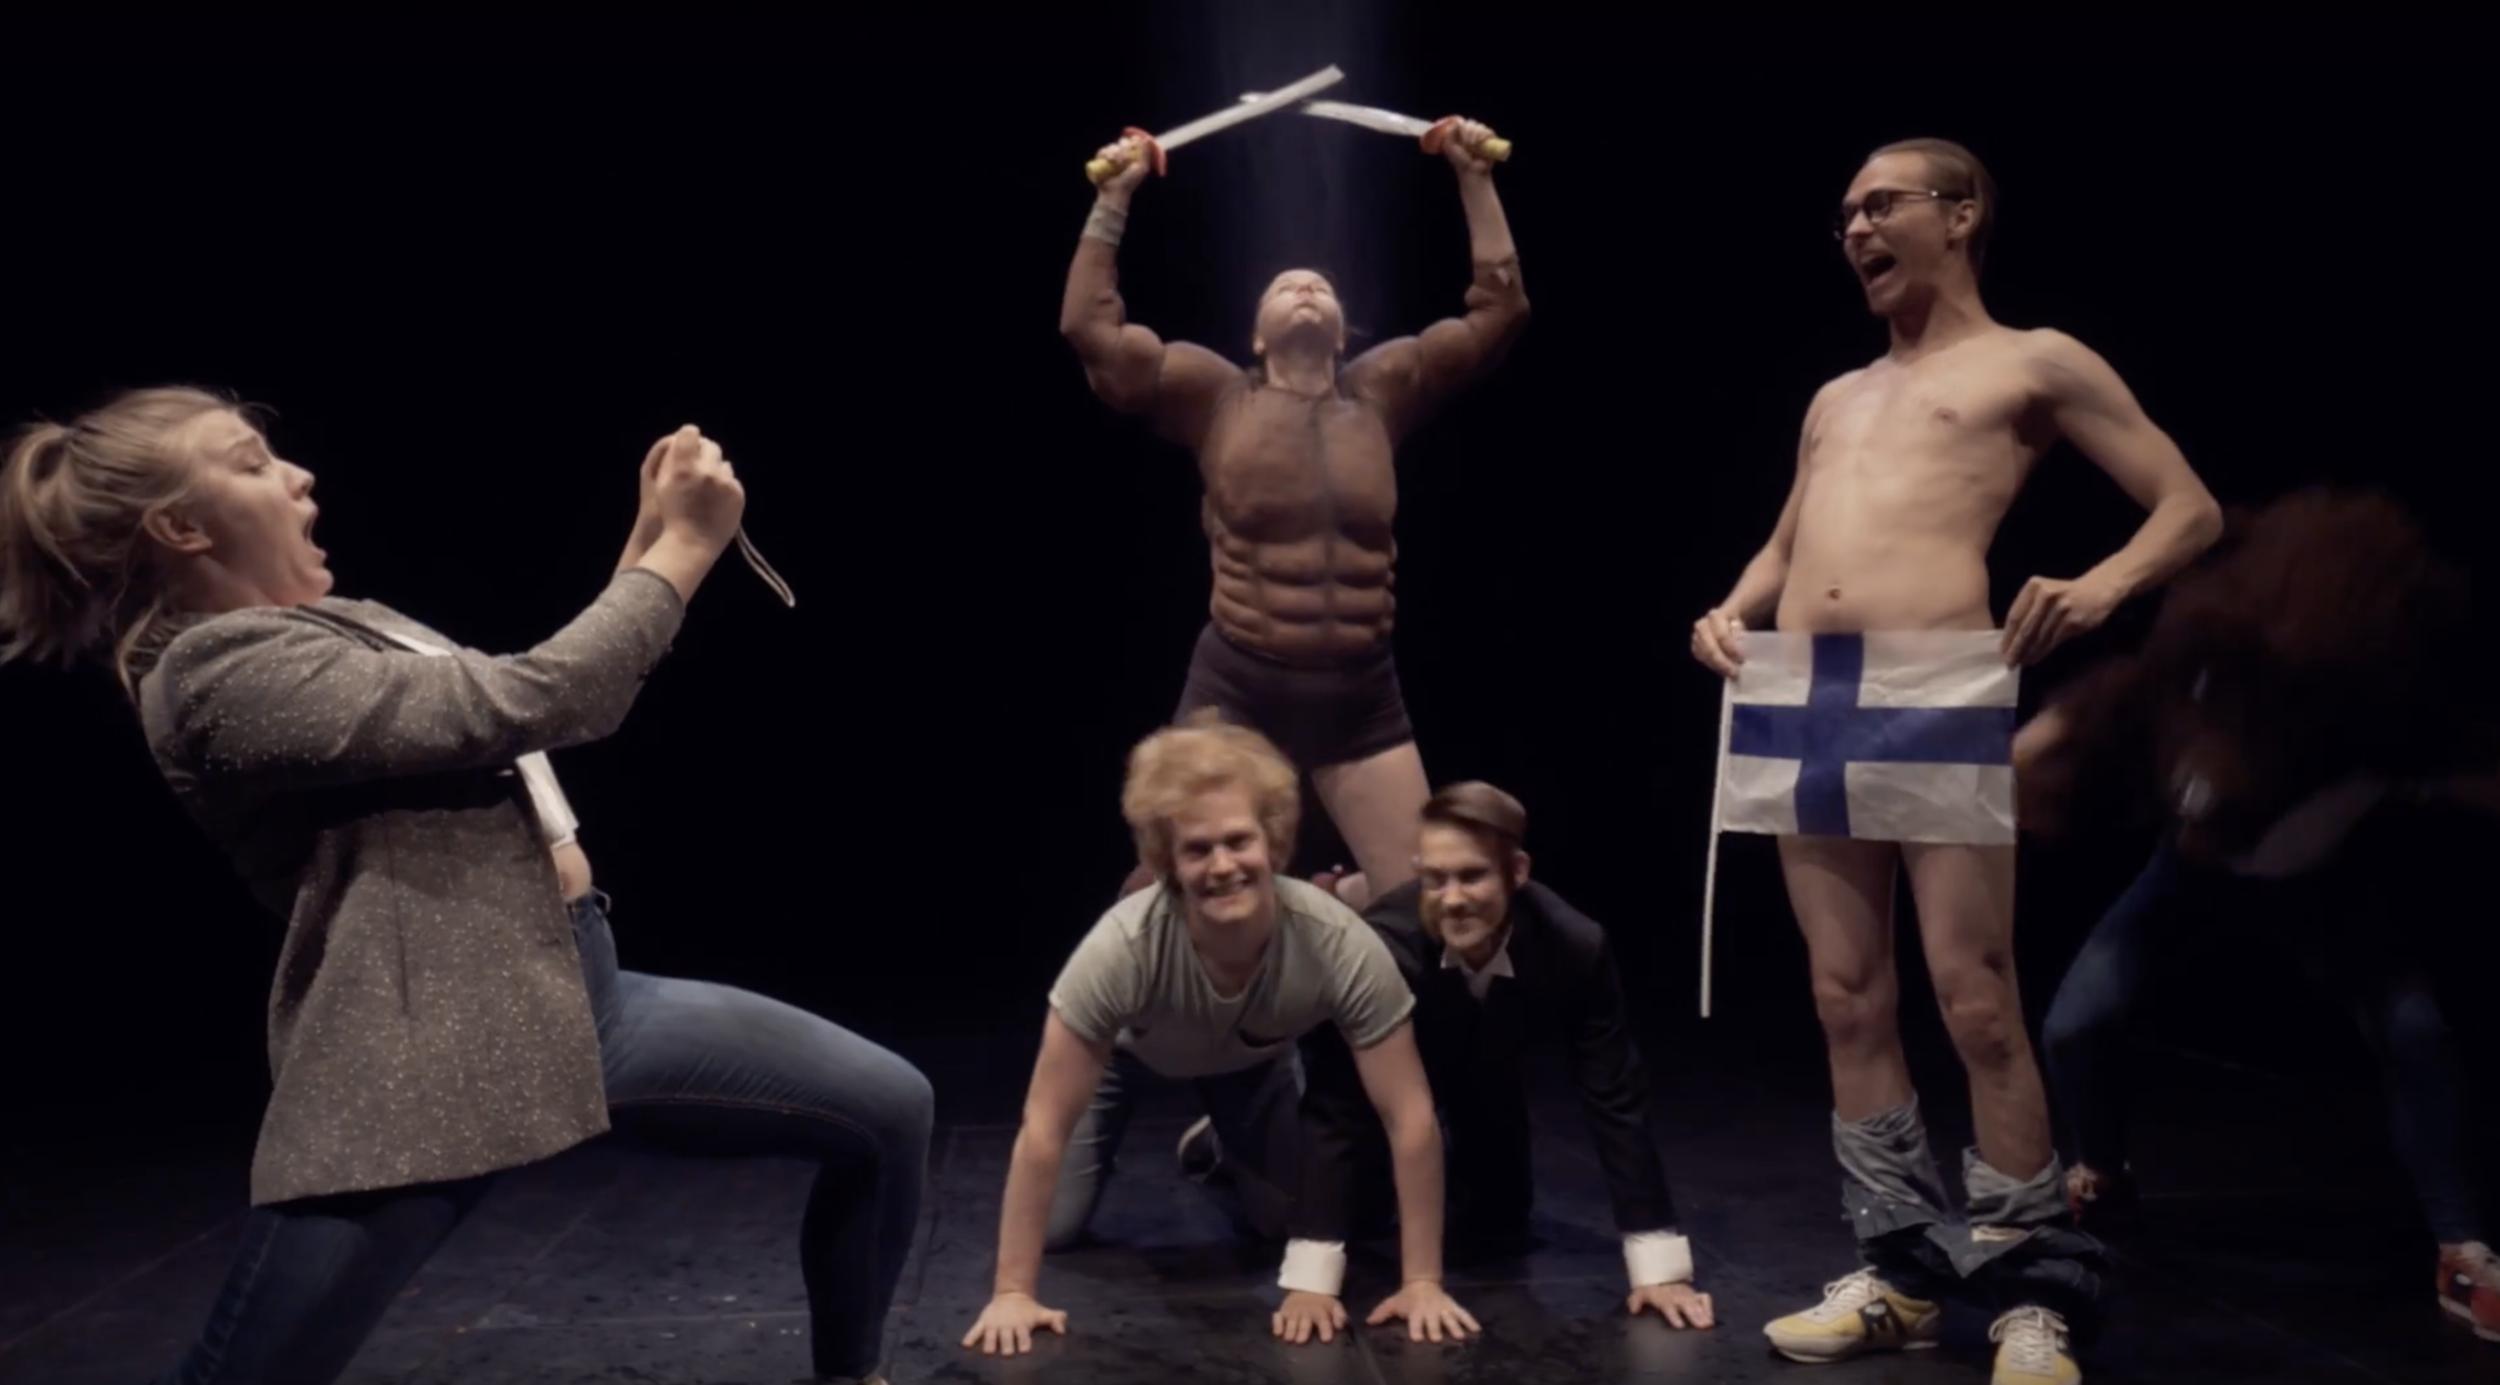 Musiikkiteatteri NYT musiikkivideon kuvauksista pätkä